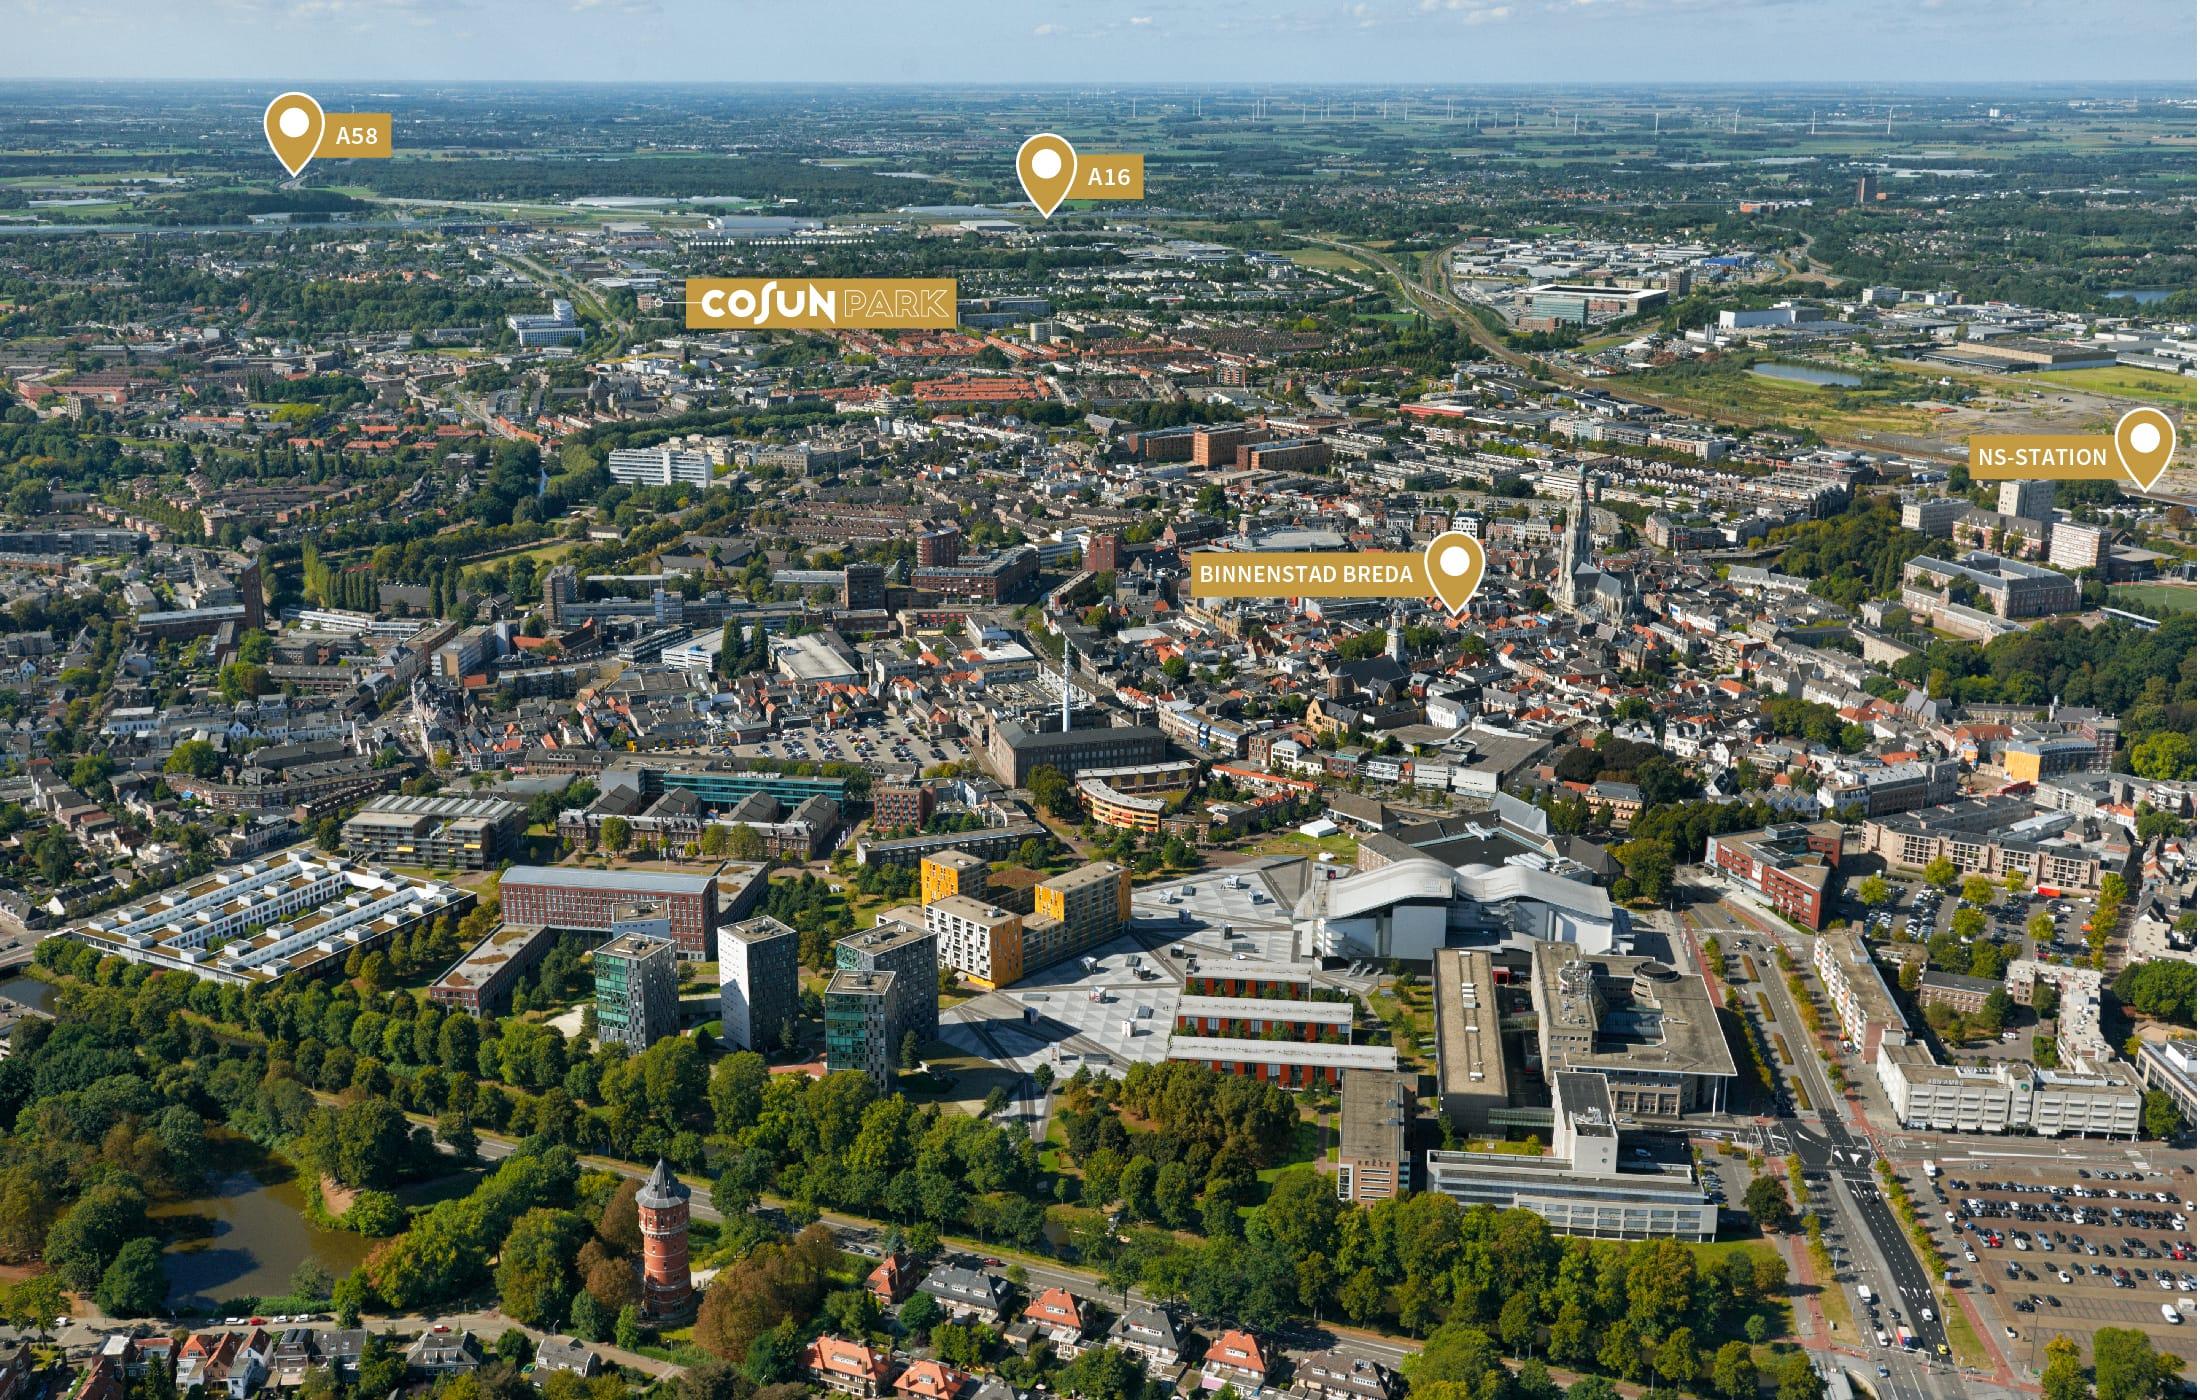 Luchtfoto Breda met indicaties Cosun Park